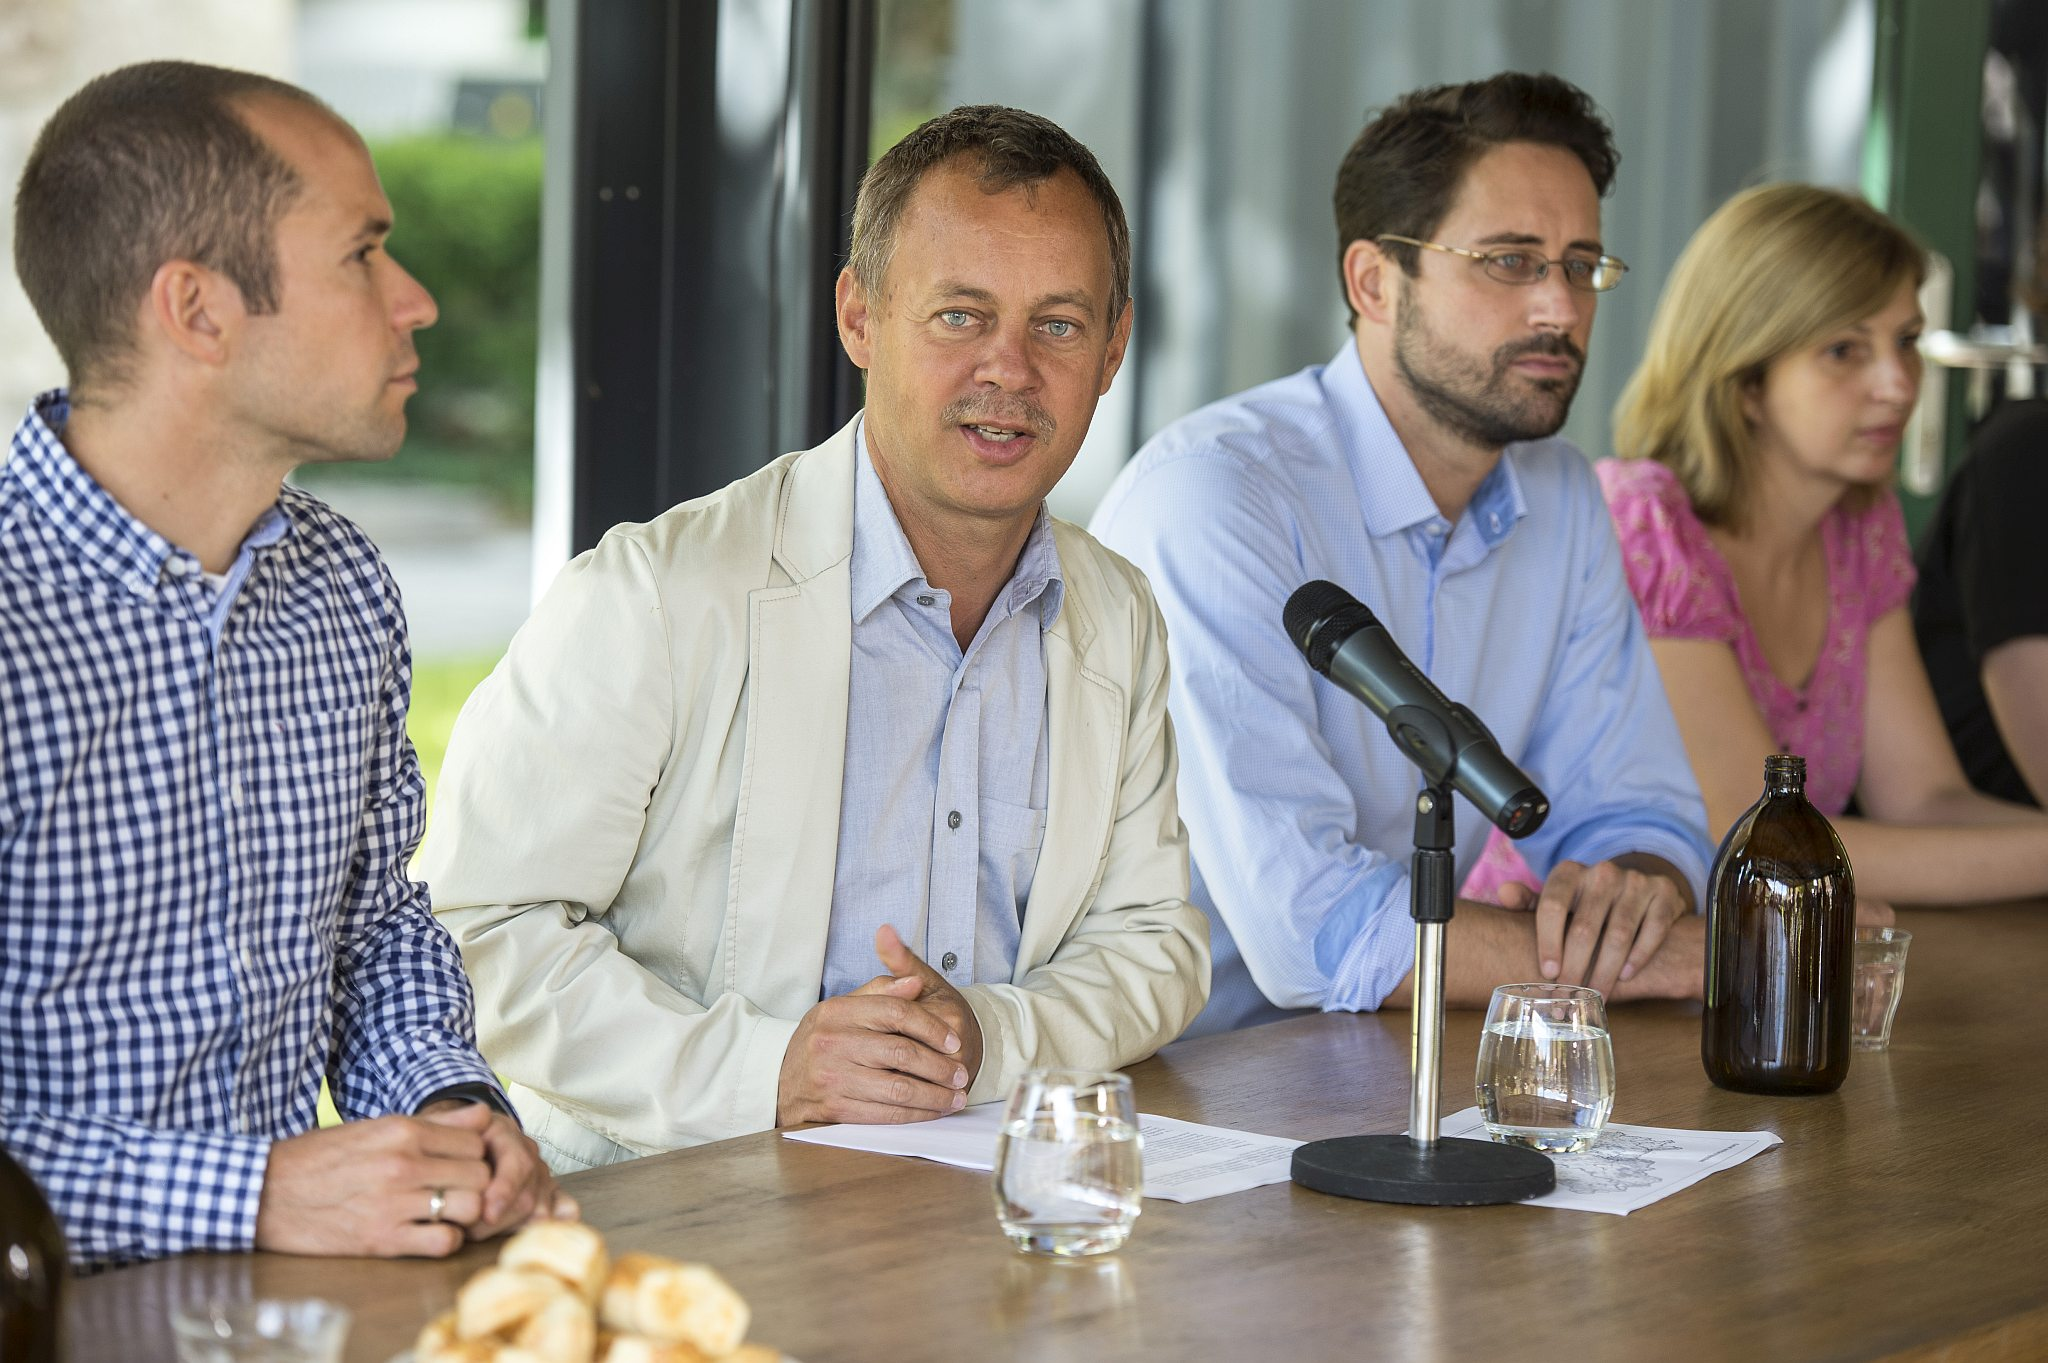 Berencsi Miklós és Révész Máriusz a sajtótájékoztatón